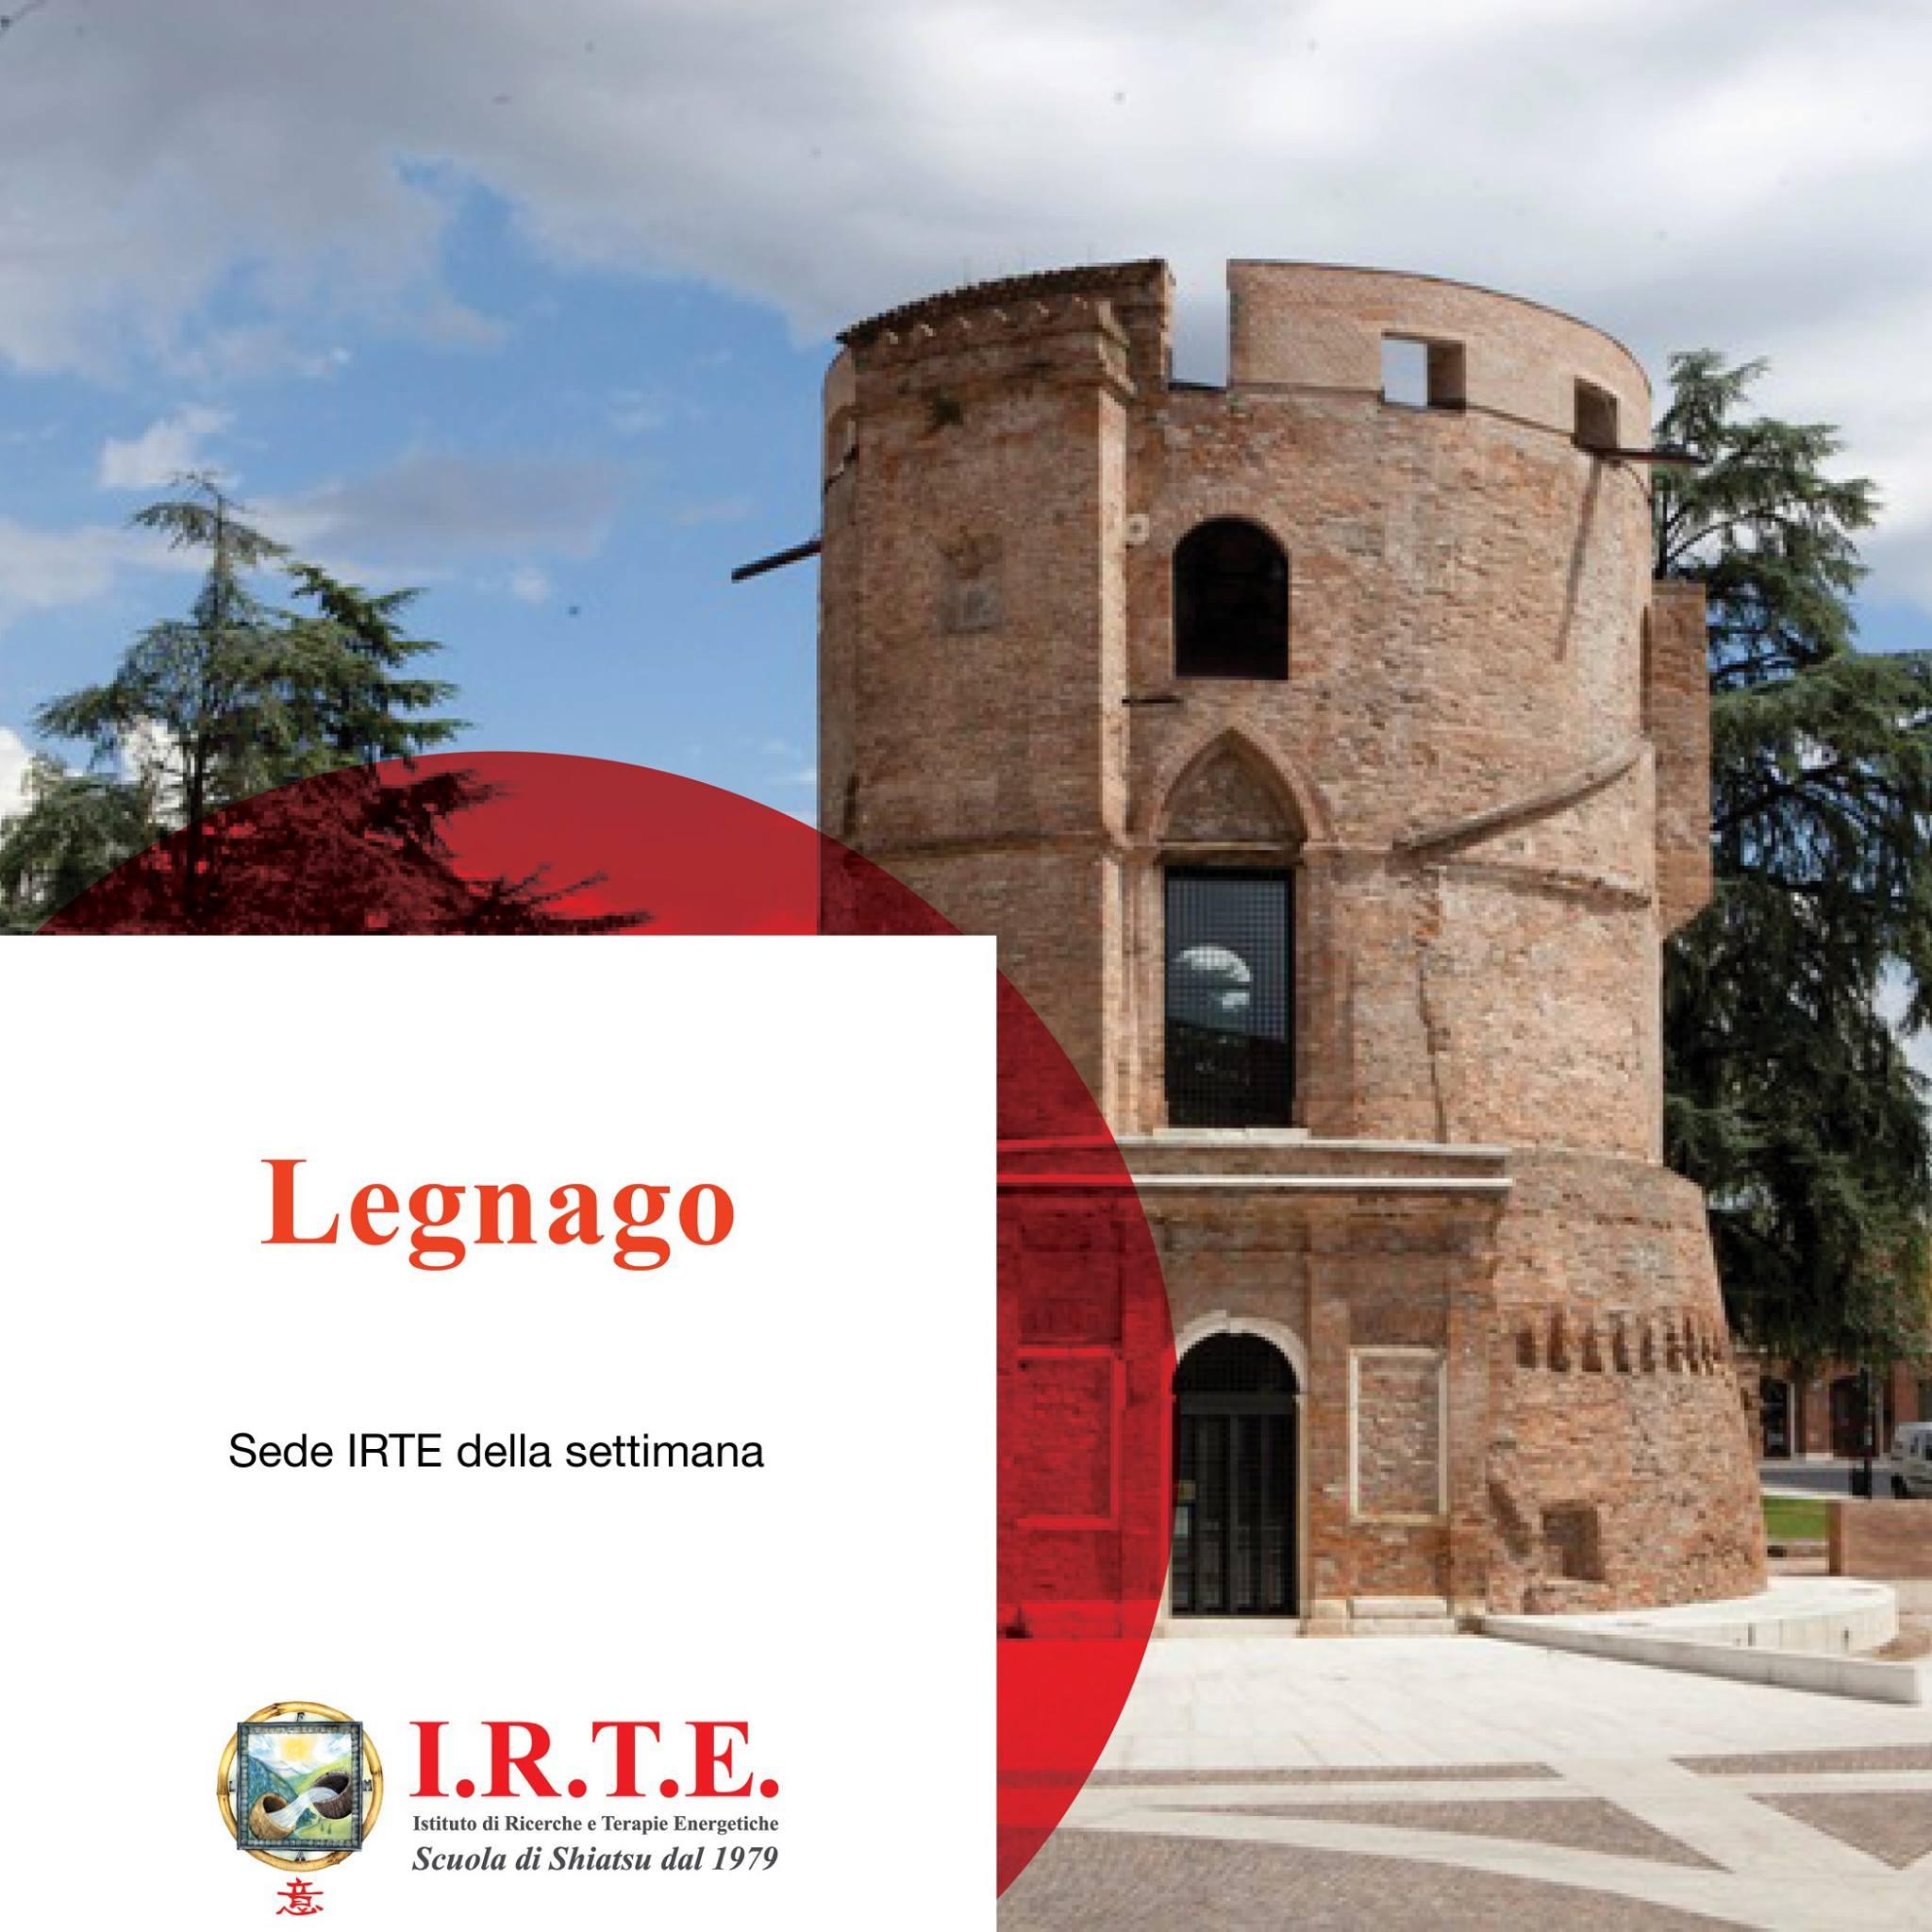 La Scuola Shiatsu IRTE a Legnago